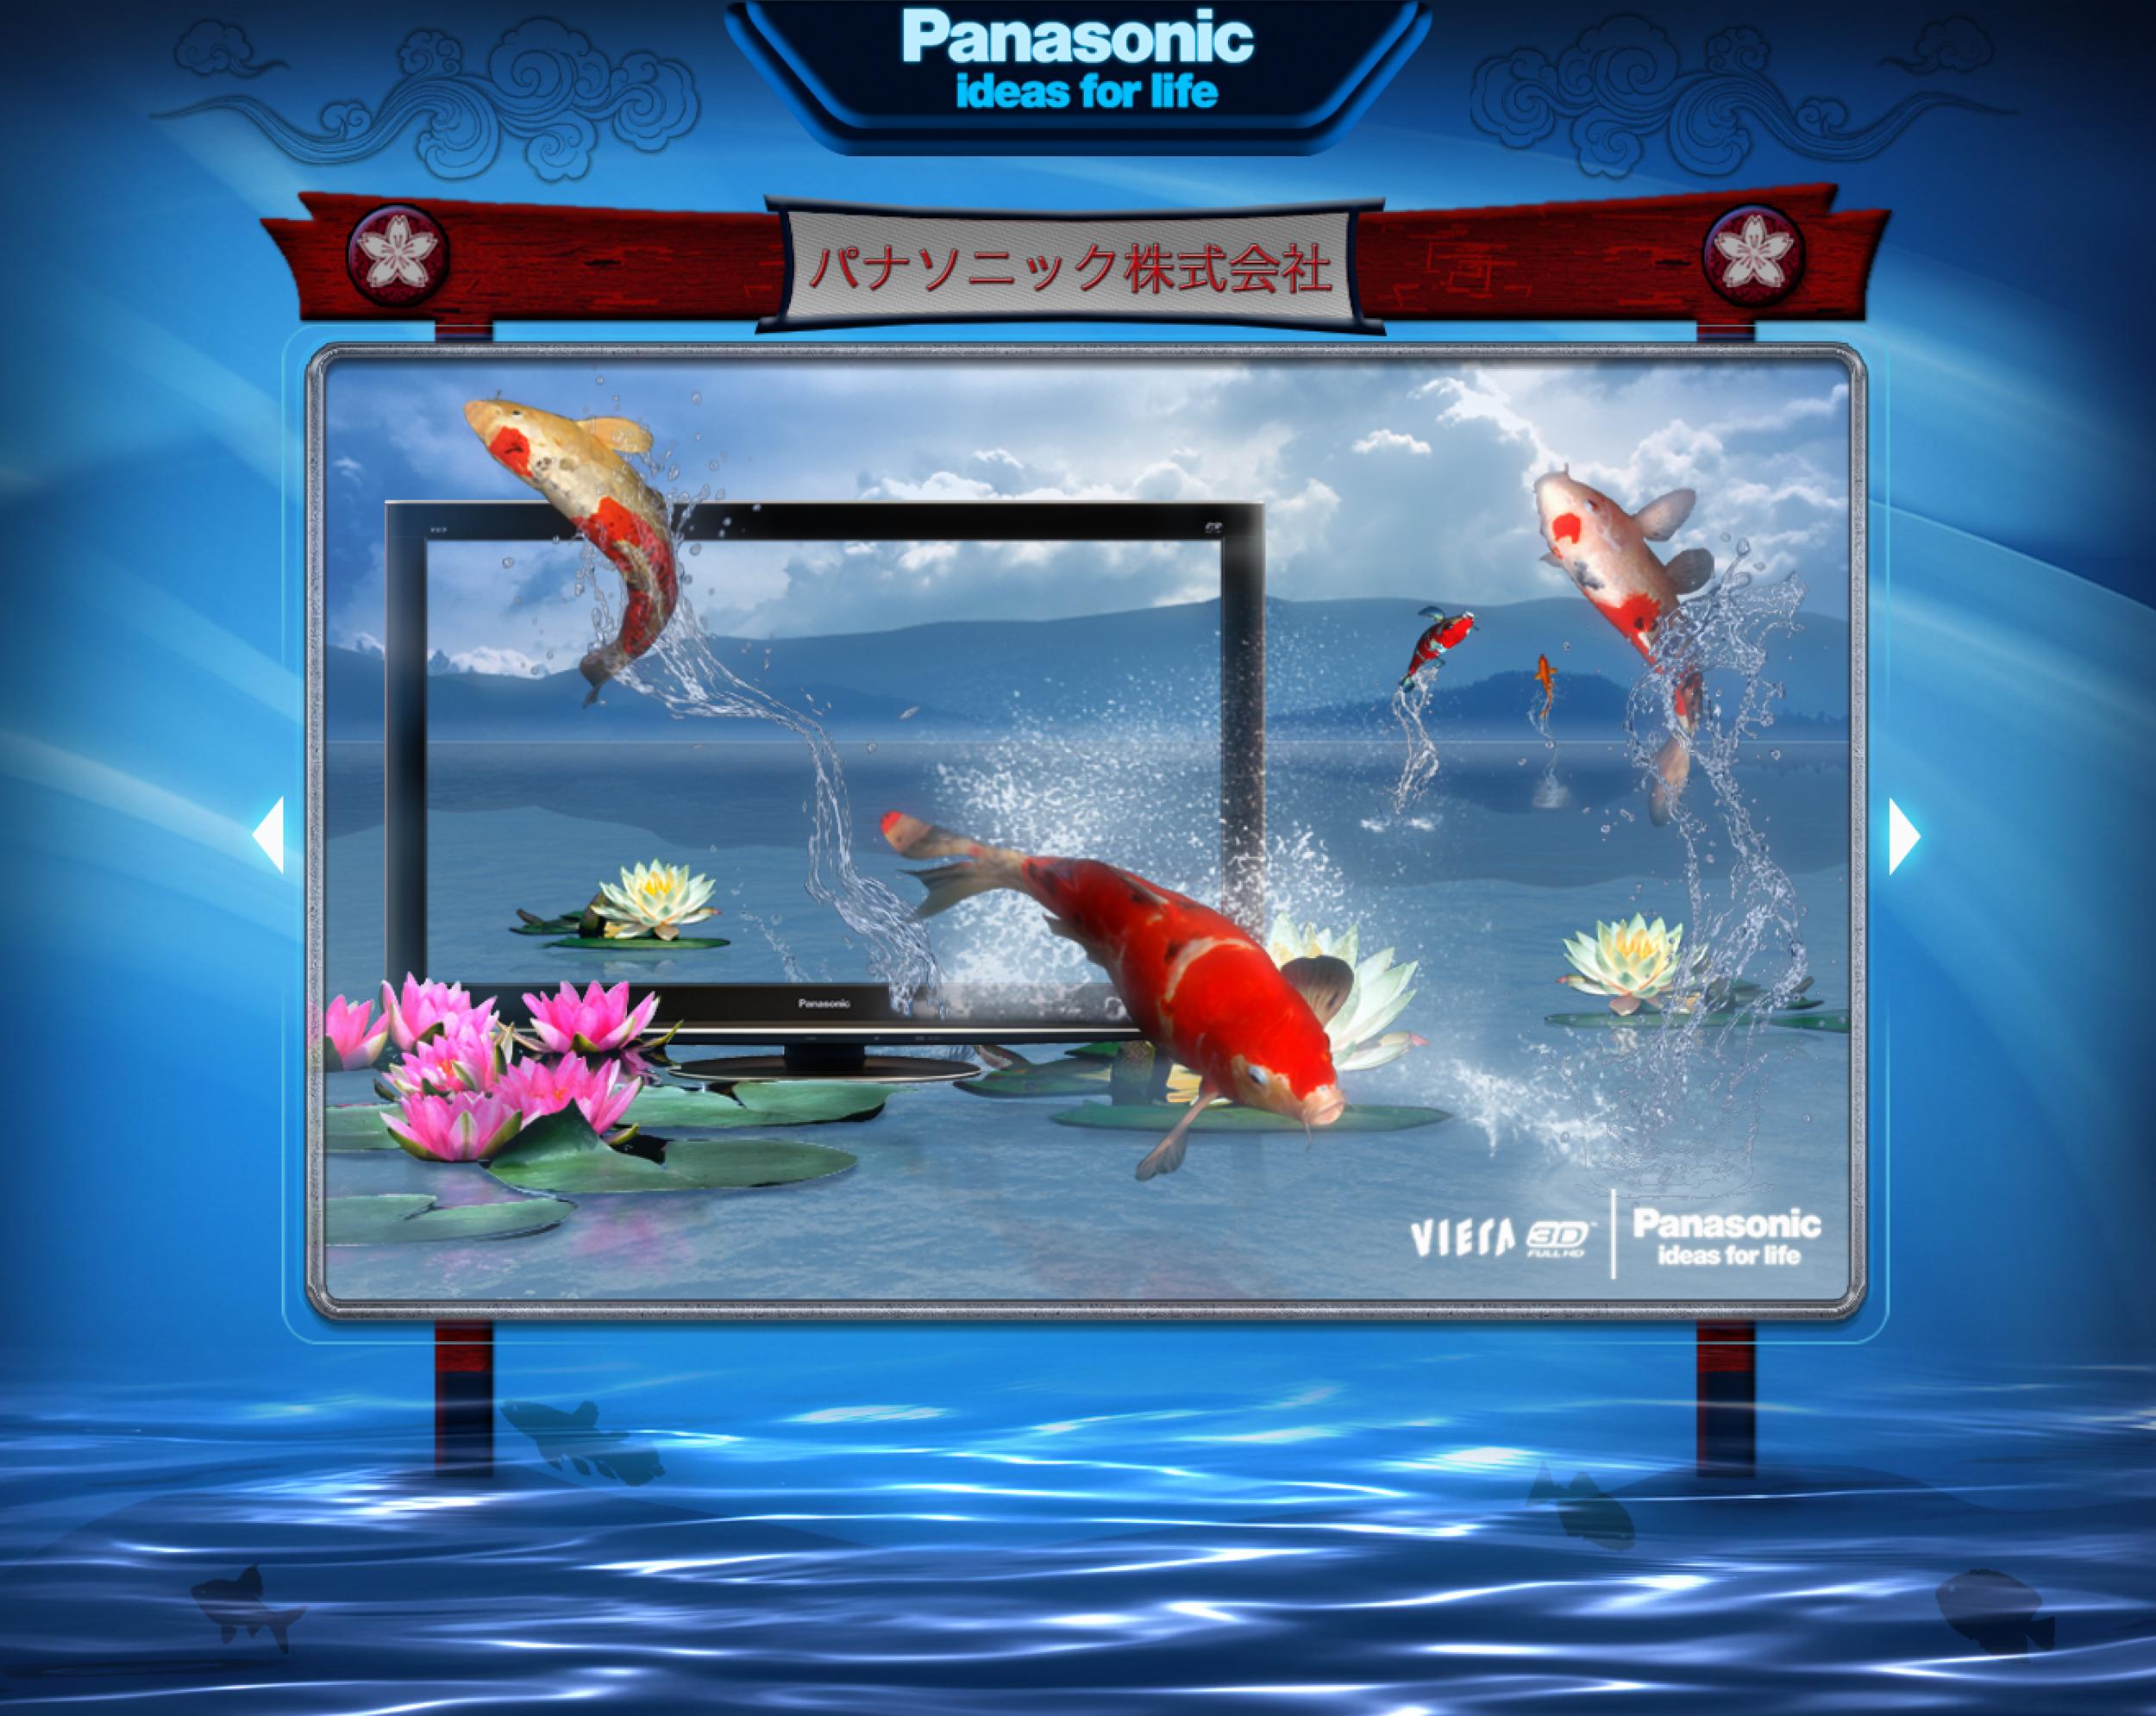 Panasonic_1_HarleyDesign.png